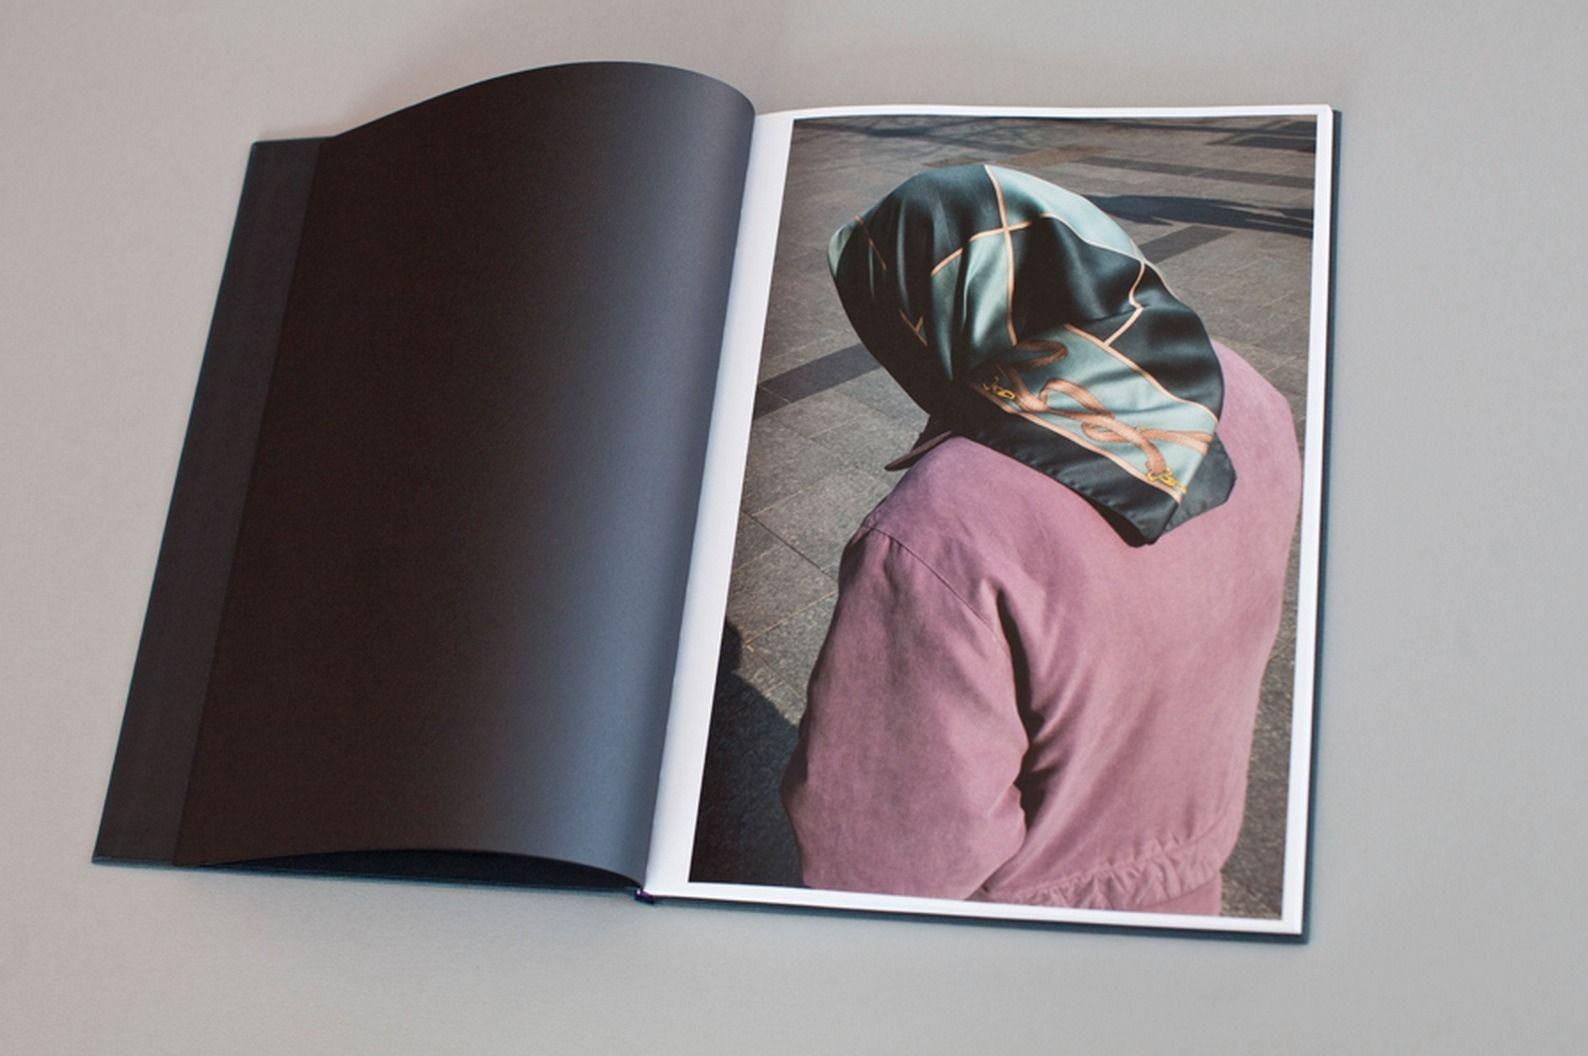 Photobook review: i